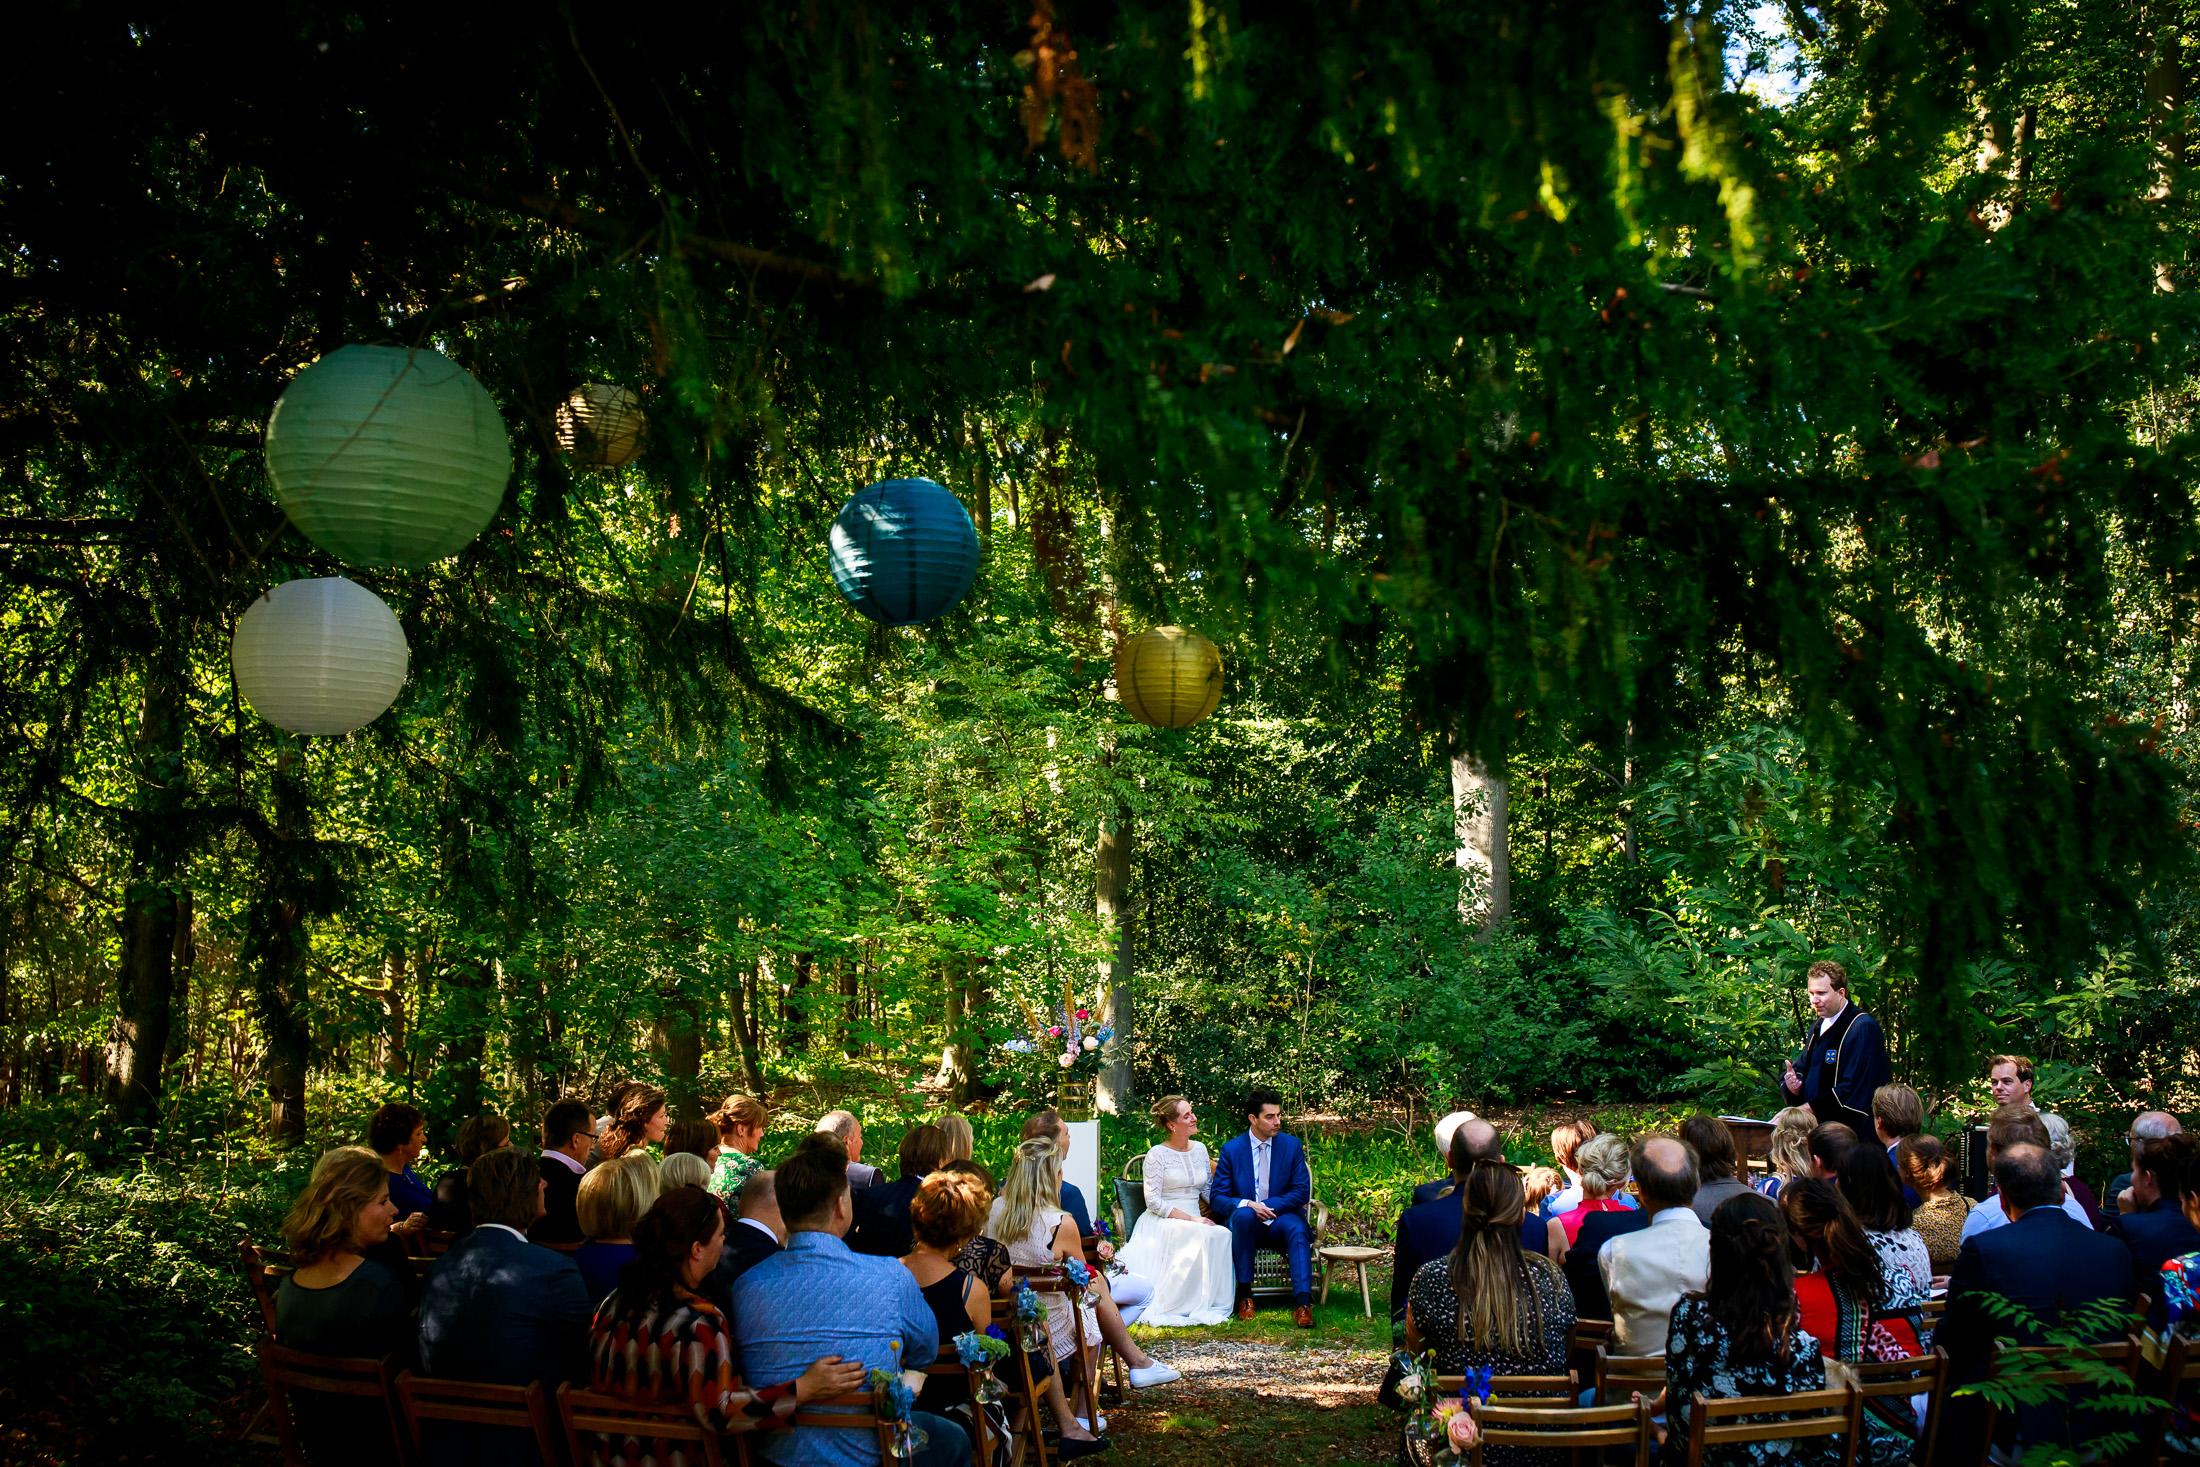 Trouwen bij de Hoorneboeg in Hilversum | Buiten trouwen| Buitenbruiloft | trouwen in het bos